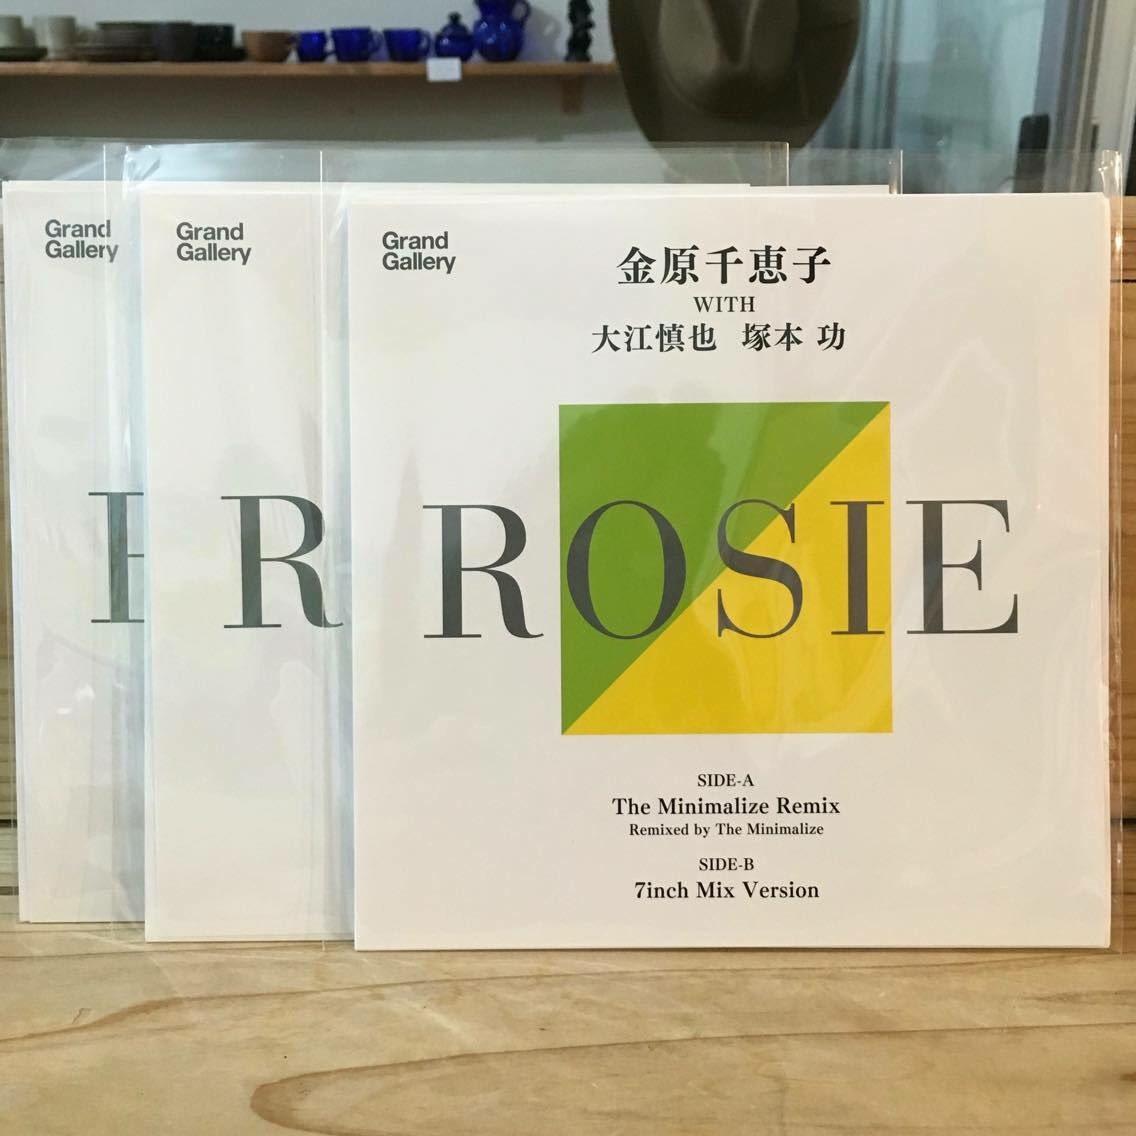 おはようございます。本日発売になります!こちらは秋にリリースを予定している金原千恵子のニューアルバムからの先行7インチになります! https://t.co/HN9gaq1lxb